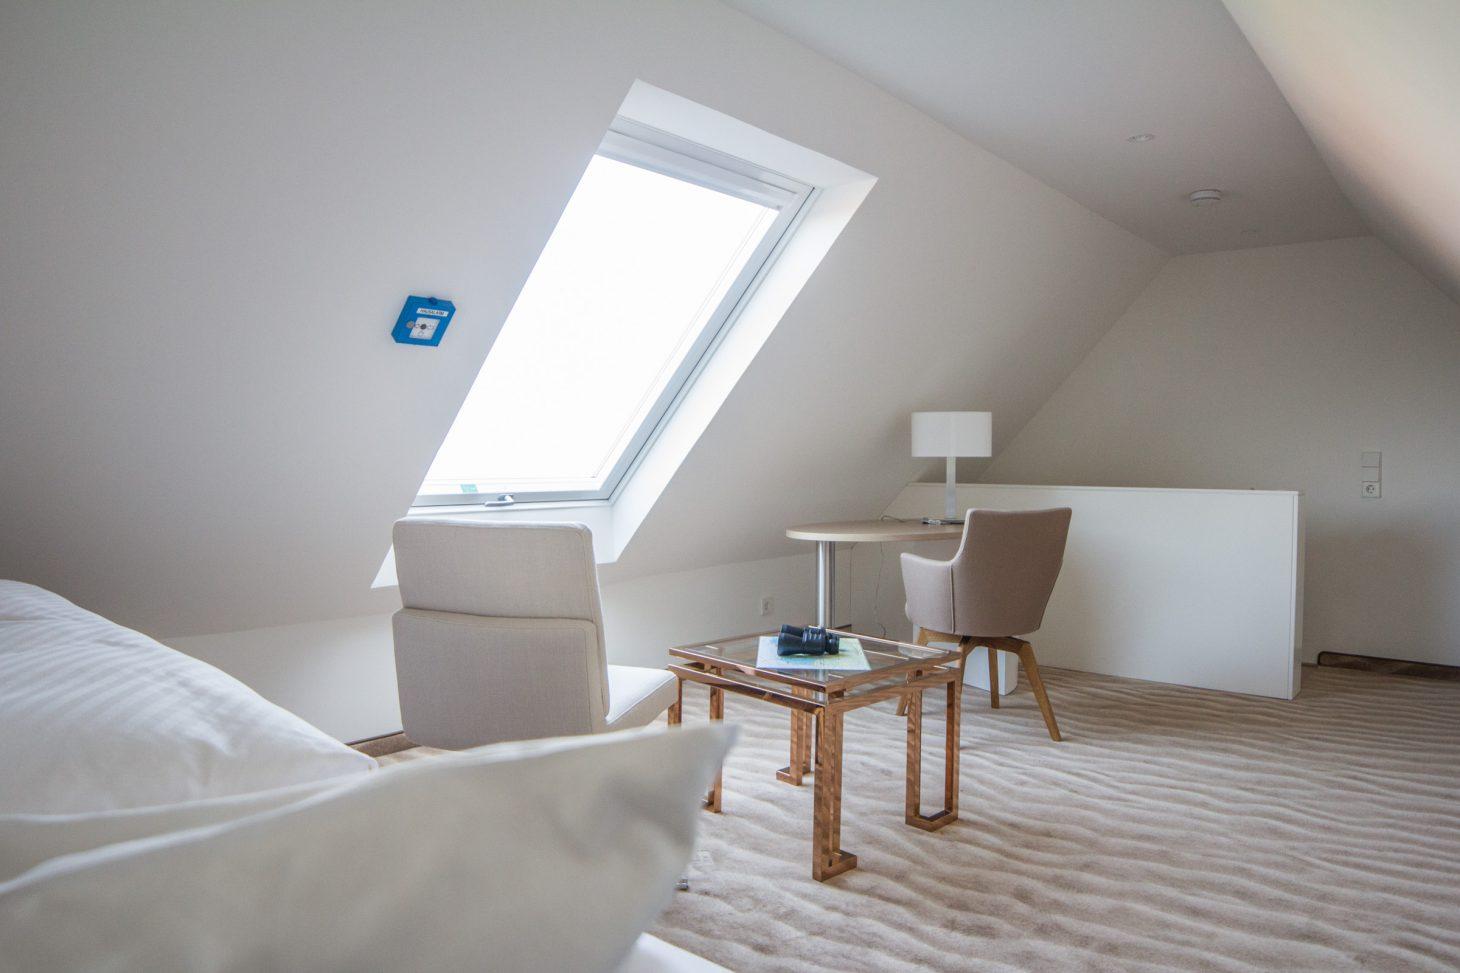 hotel-janssen-2016-09-14-042